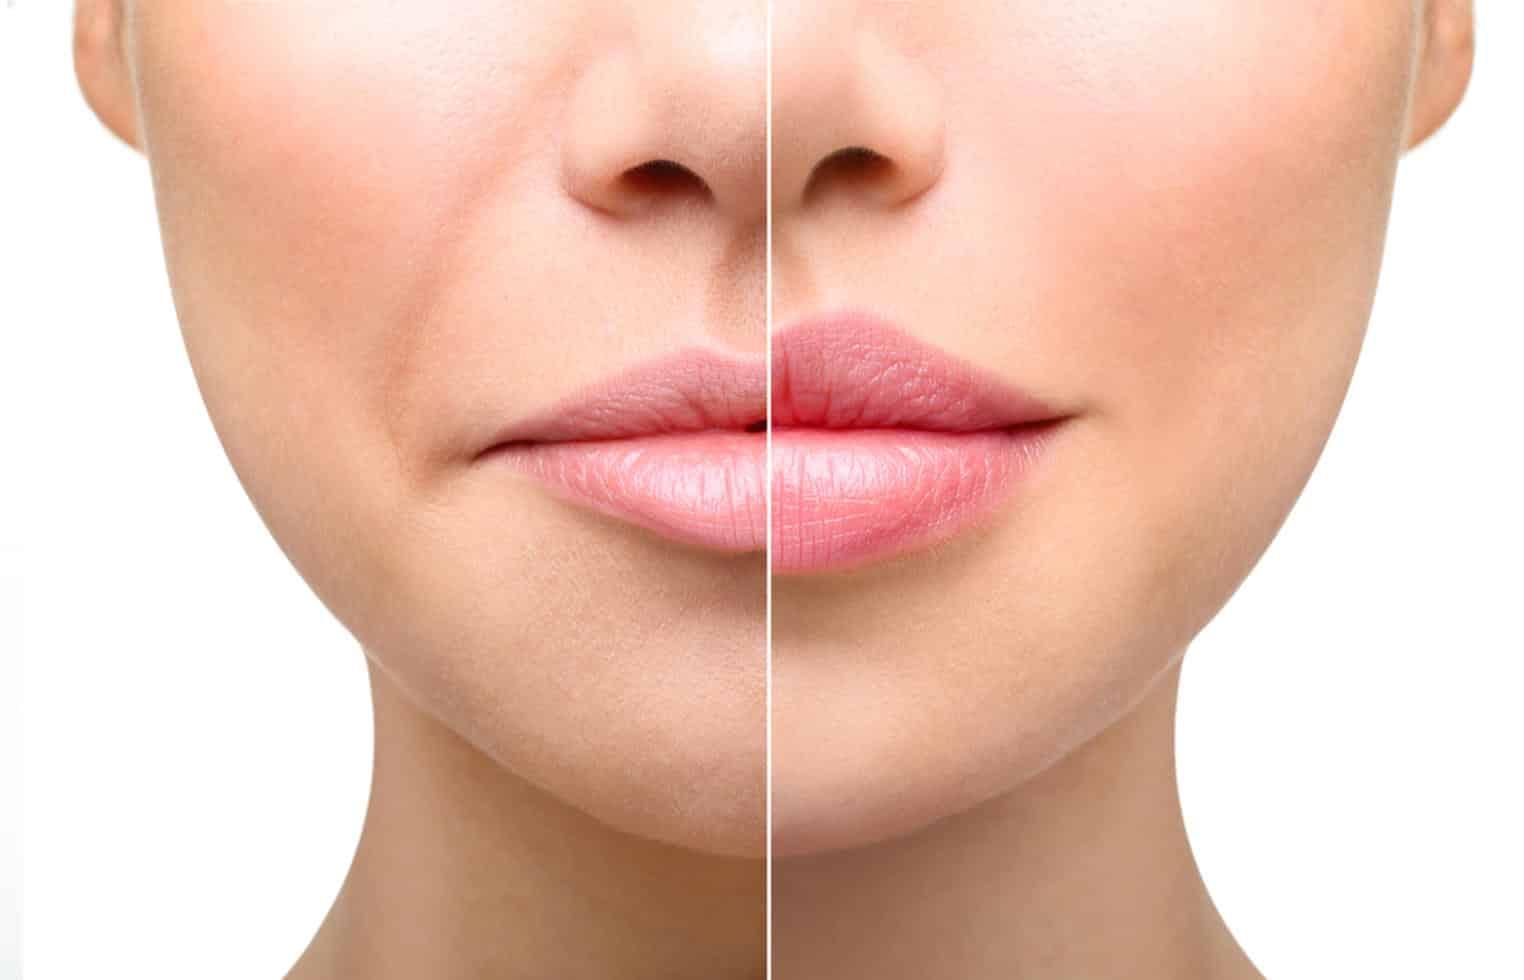 Осложнение после увеличения губ